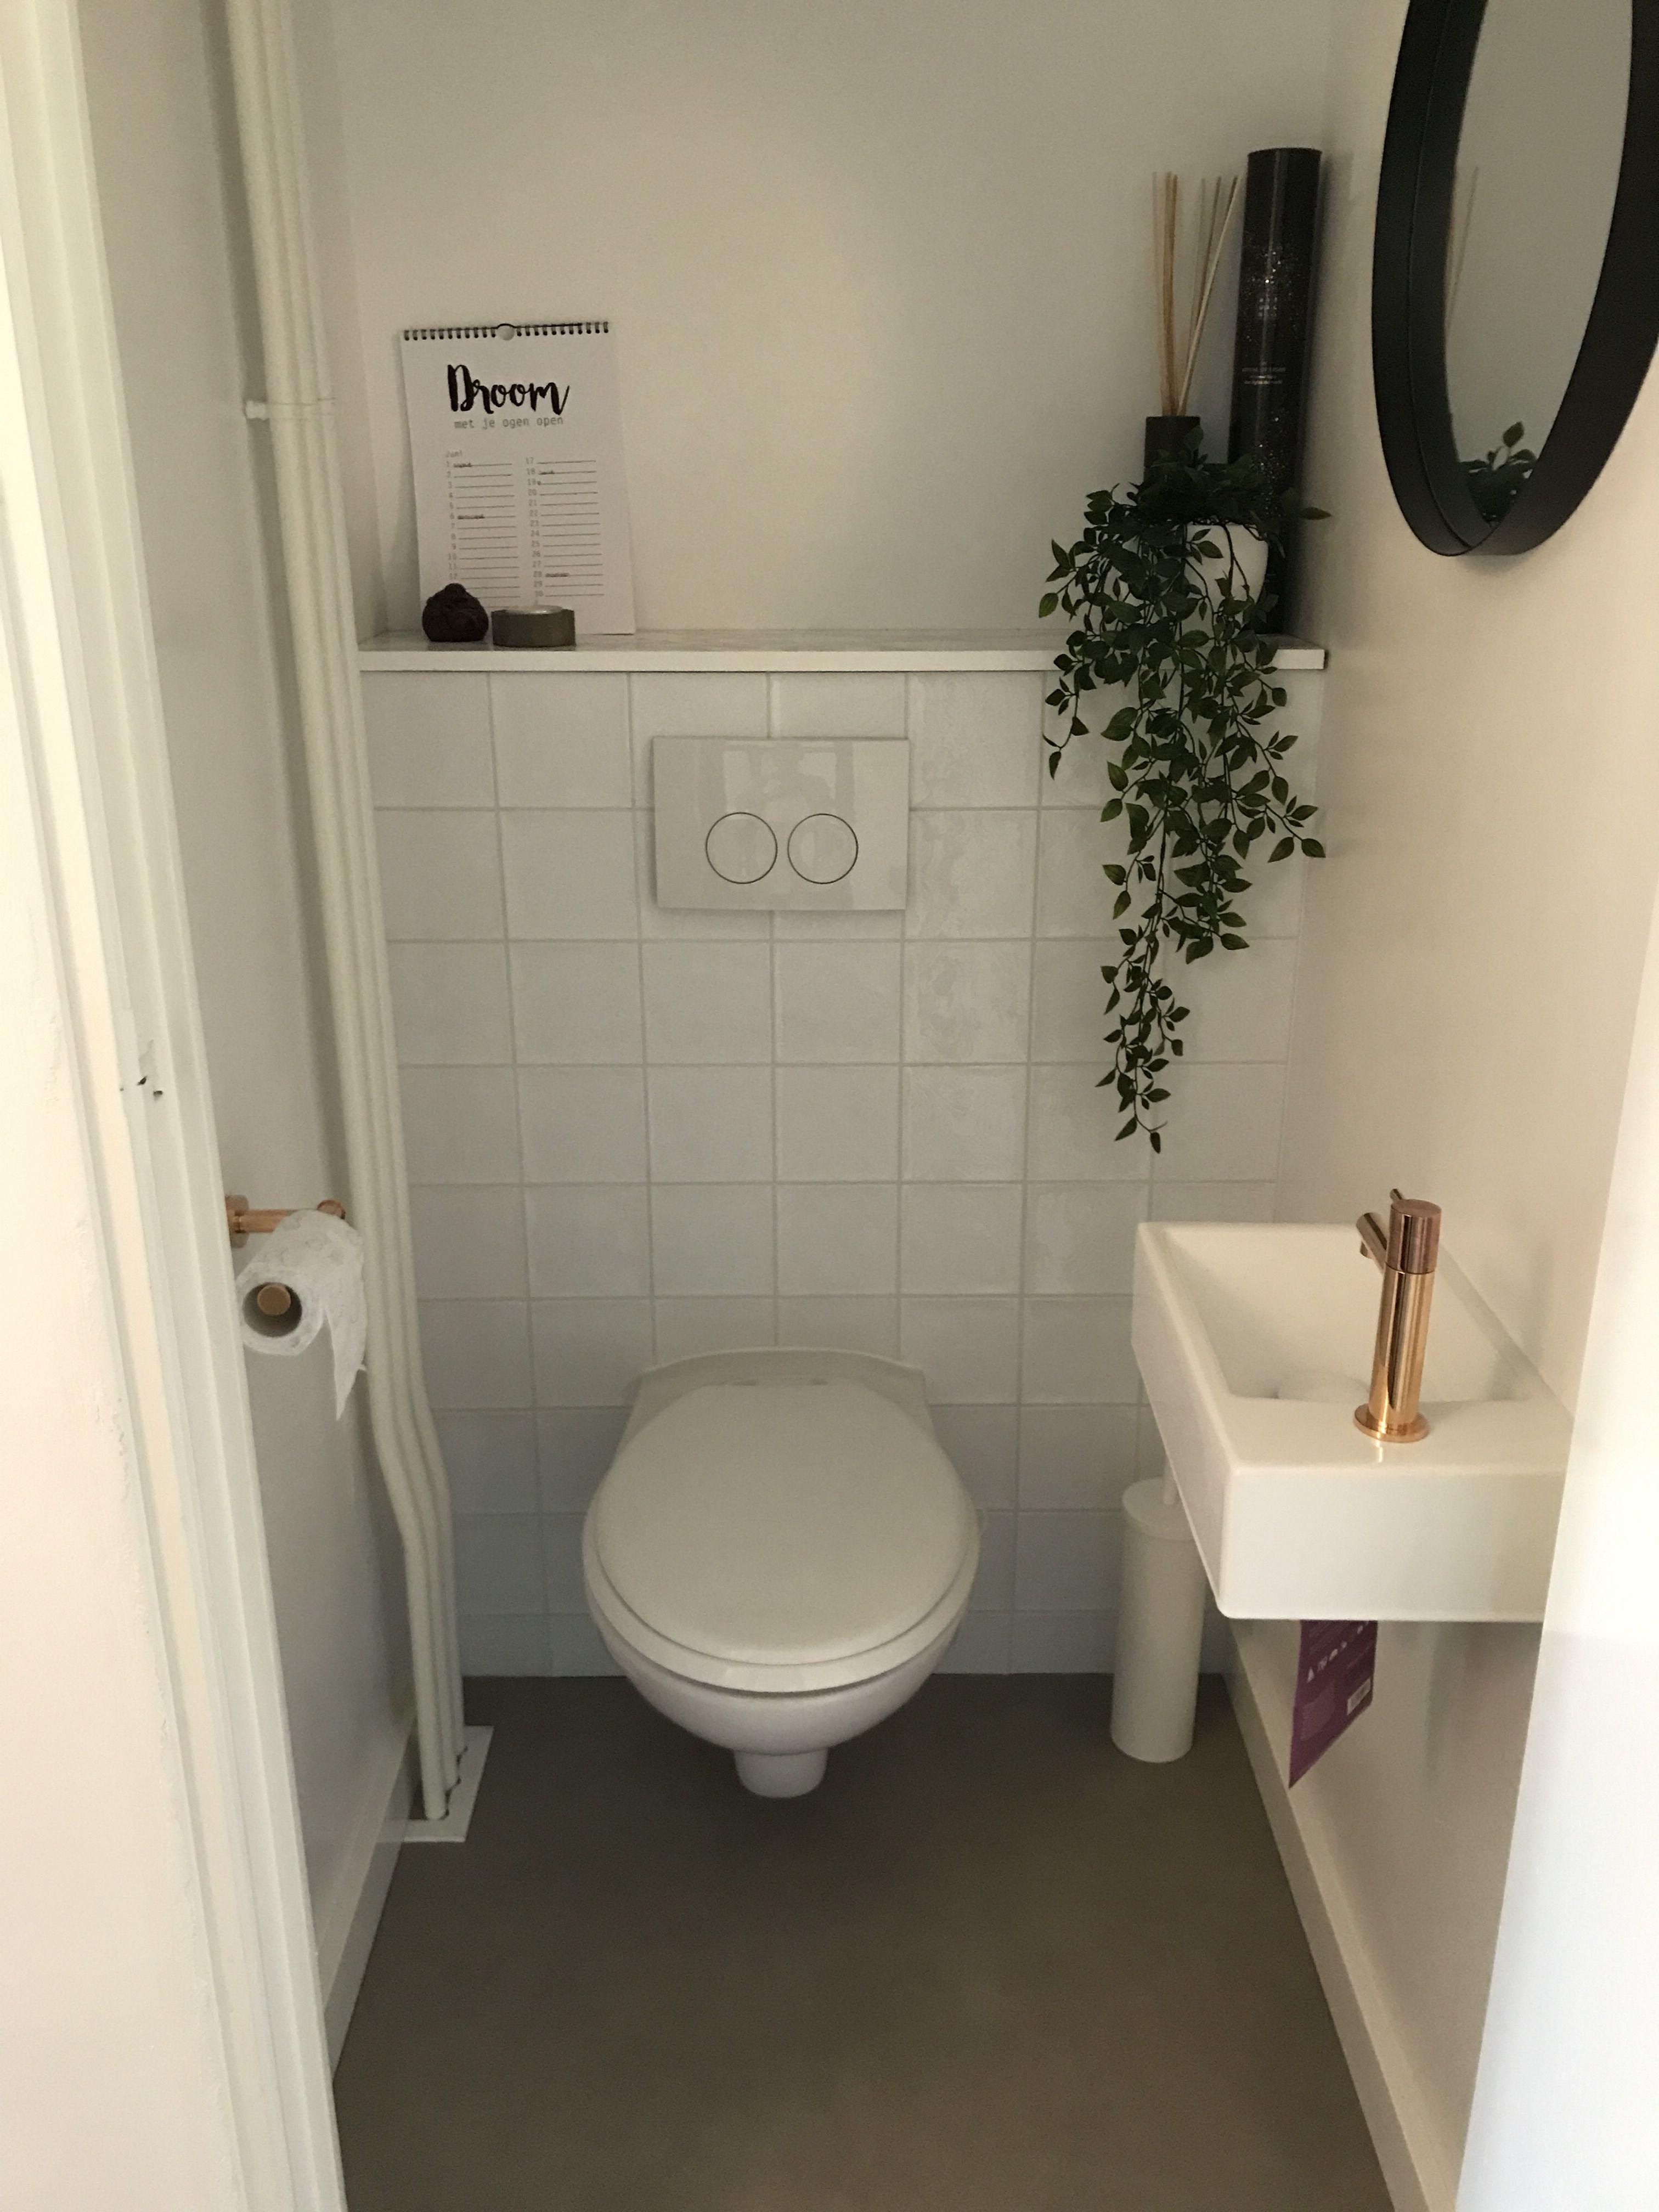 Toilet Diy Witte Portugese Marrokkaanse Tegeltjes Rose Goud Groen Wit En Beton Grijs Toilet Wit Zwarte Spiegel